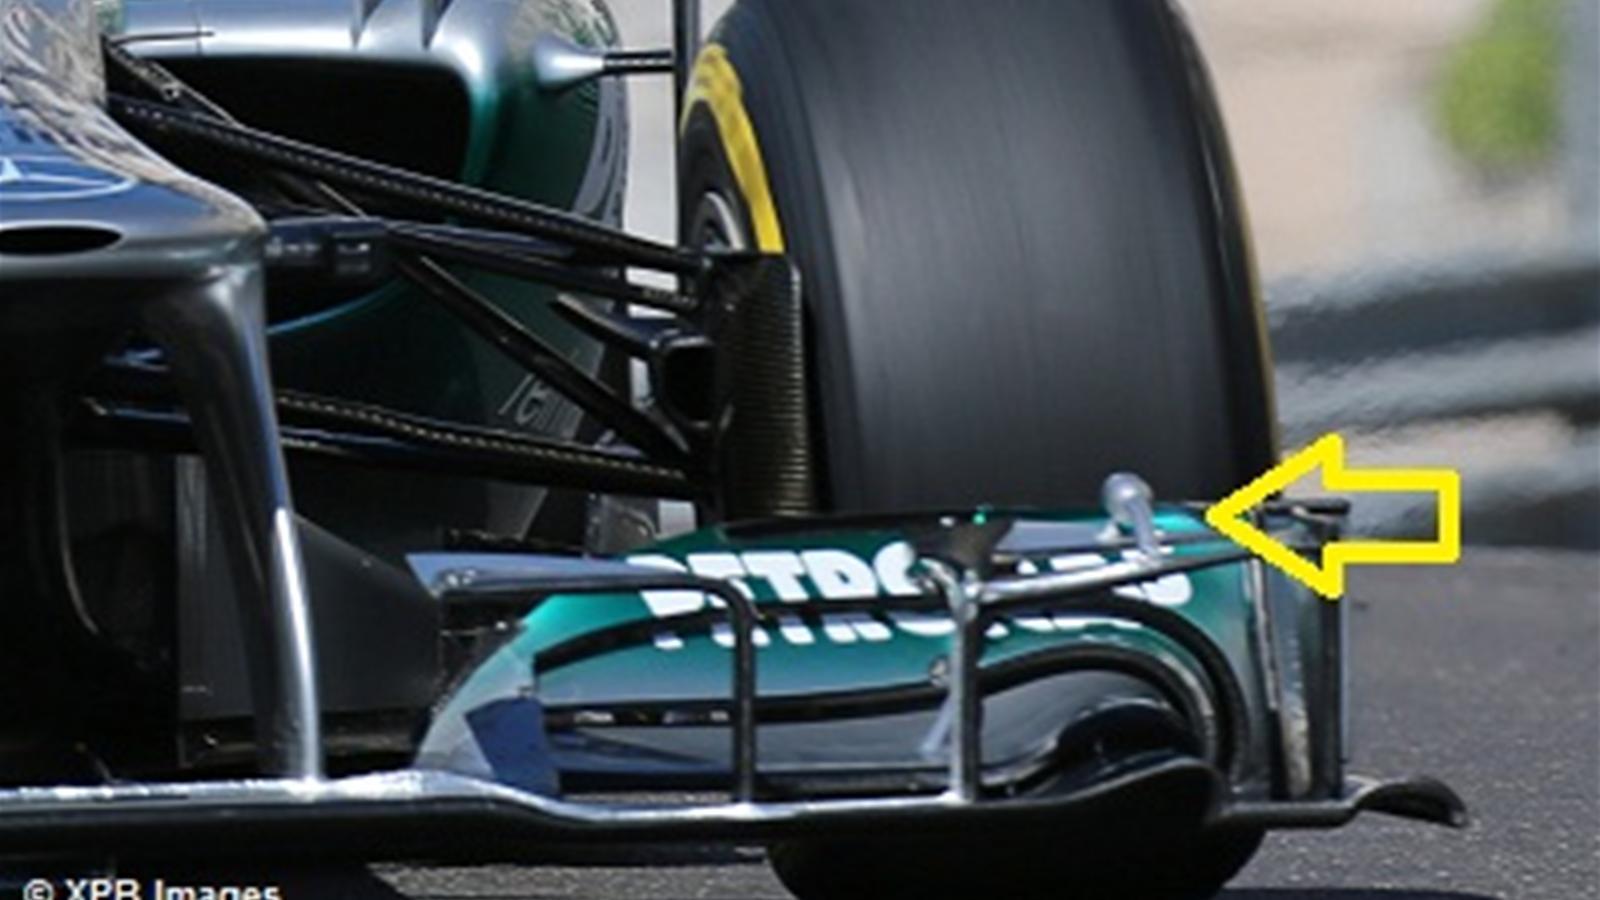 Grand prix de monaco des cam ra sur la mercedes grand prix de monaco 2013 formule 1 - Formule vitesse de coupe ...